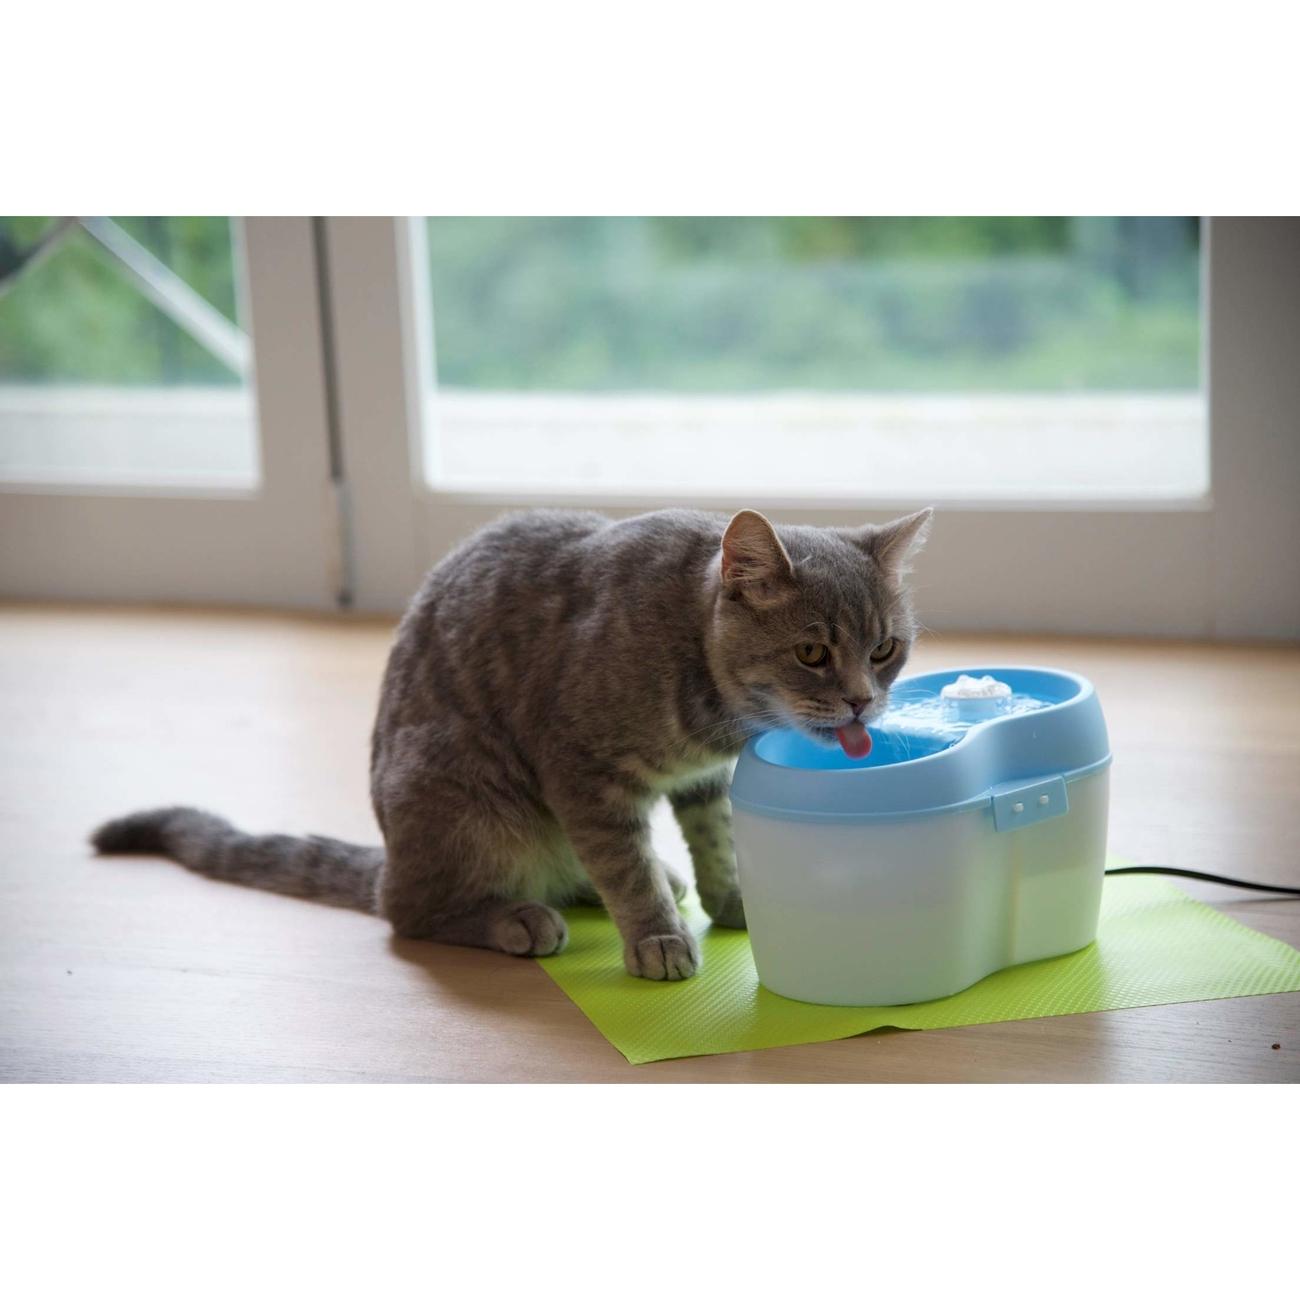 Cat H2O Katzentrinkbrunnen mit Zahnpflege, Bild 6